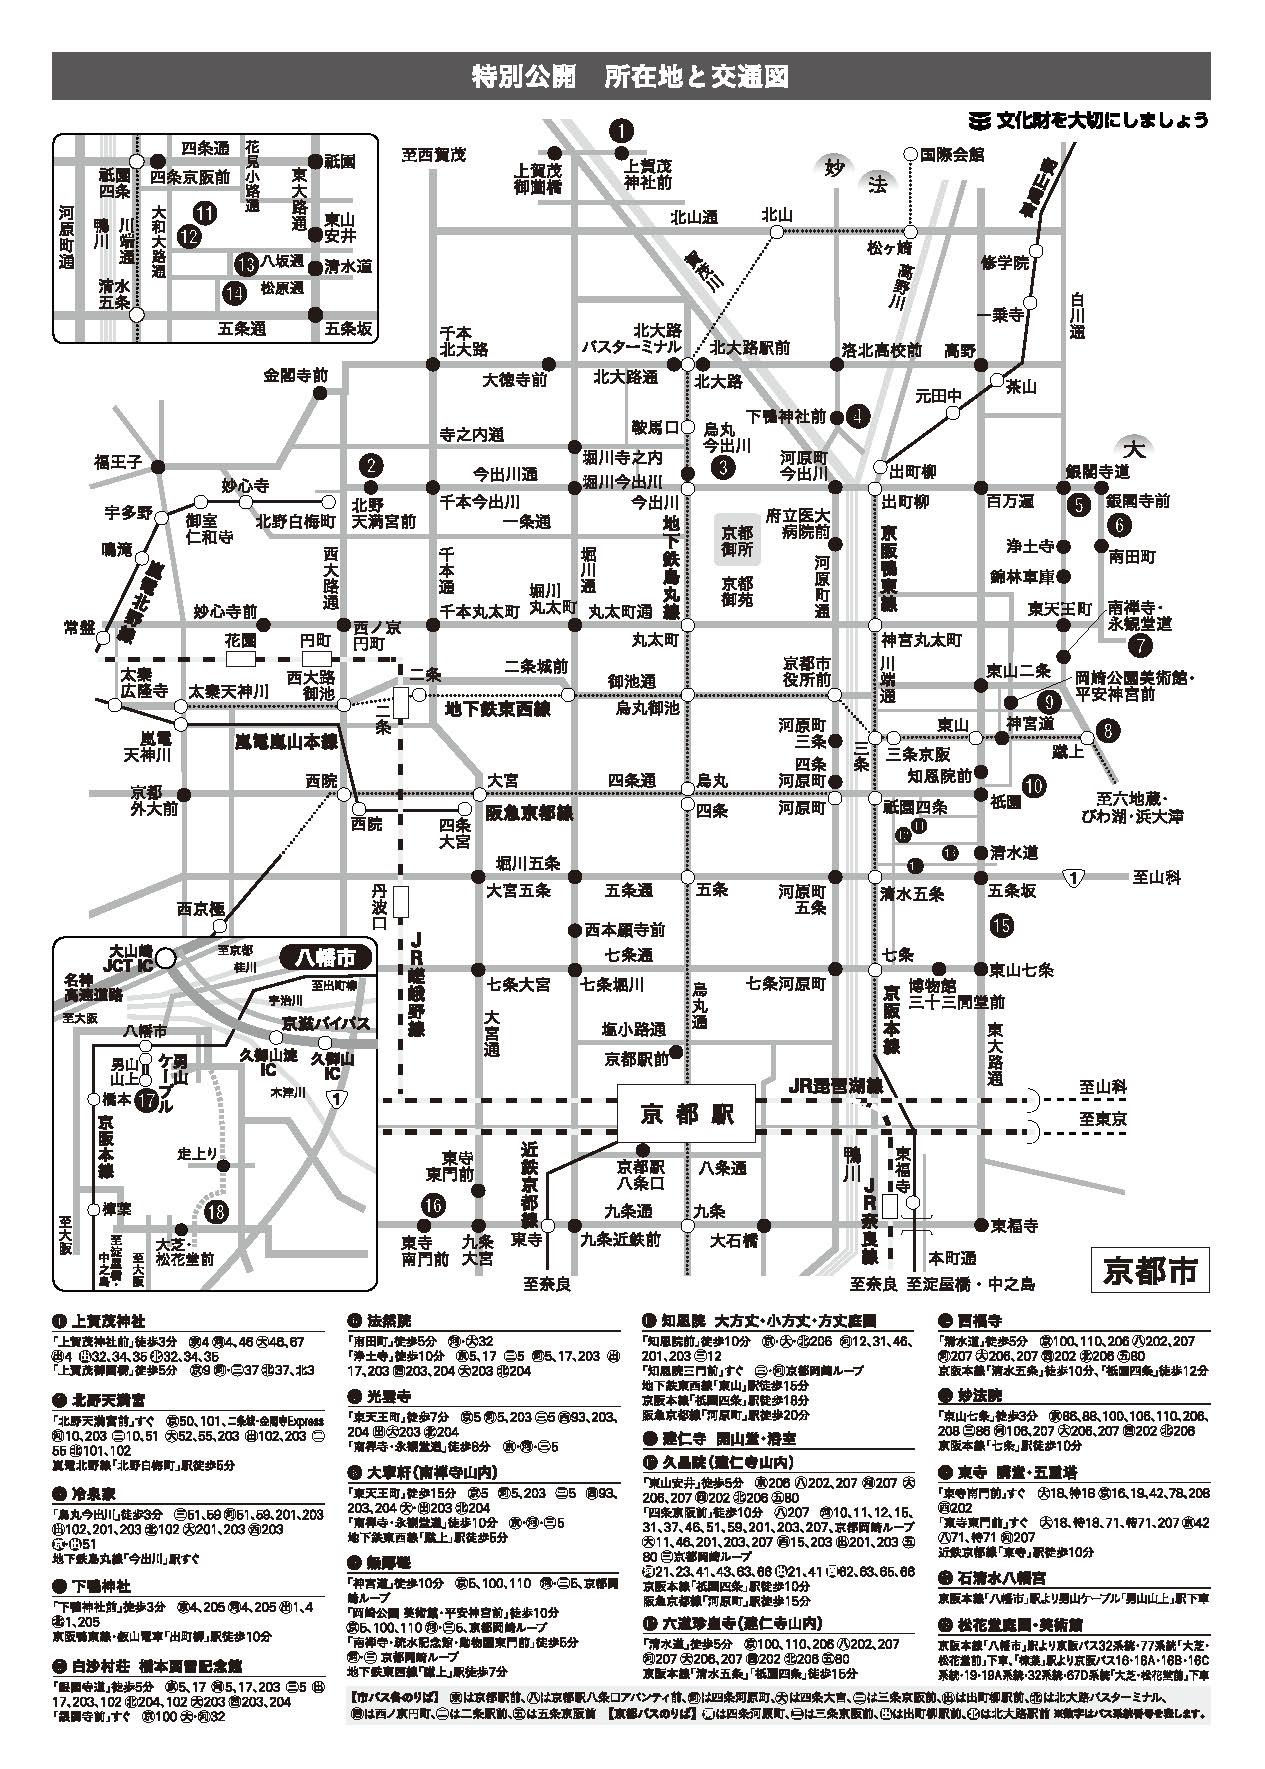 hikoukai_h30aki_leaf_ページ_2